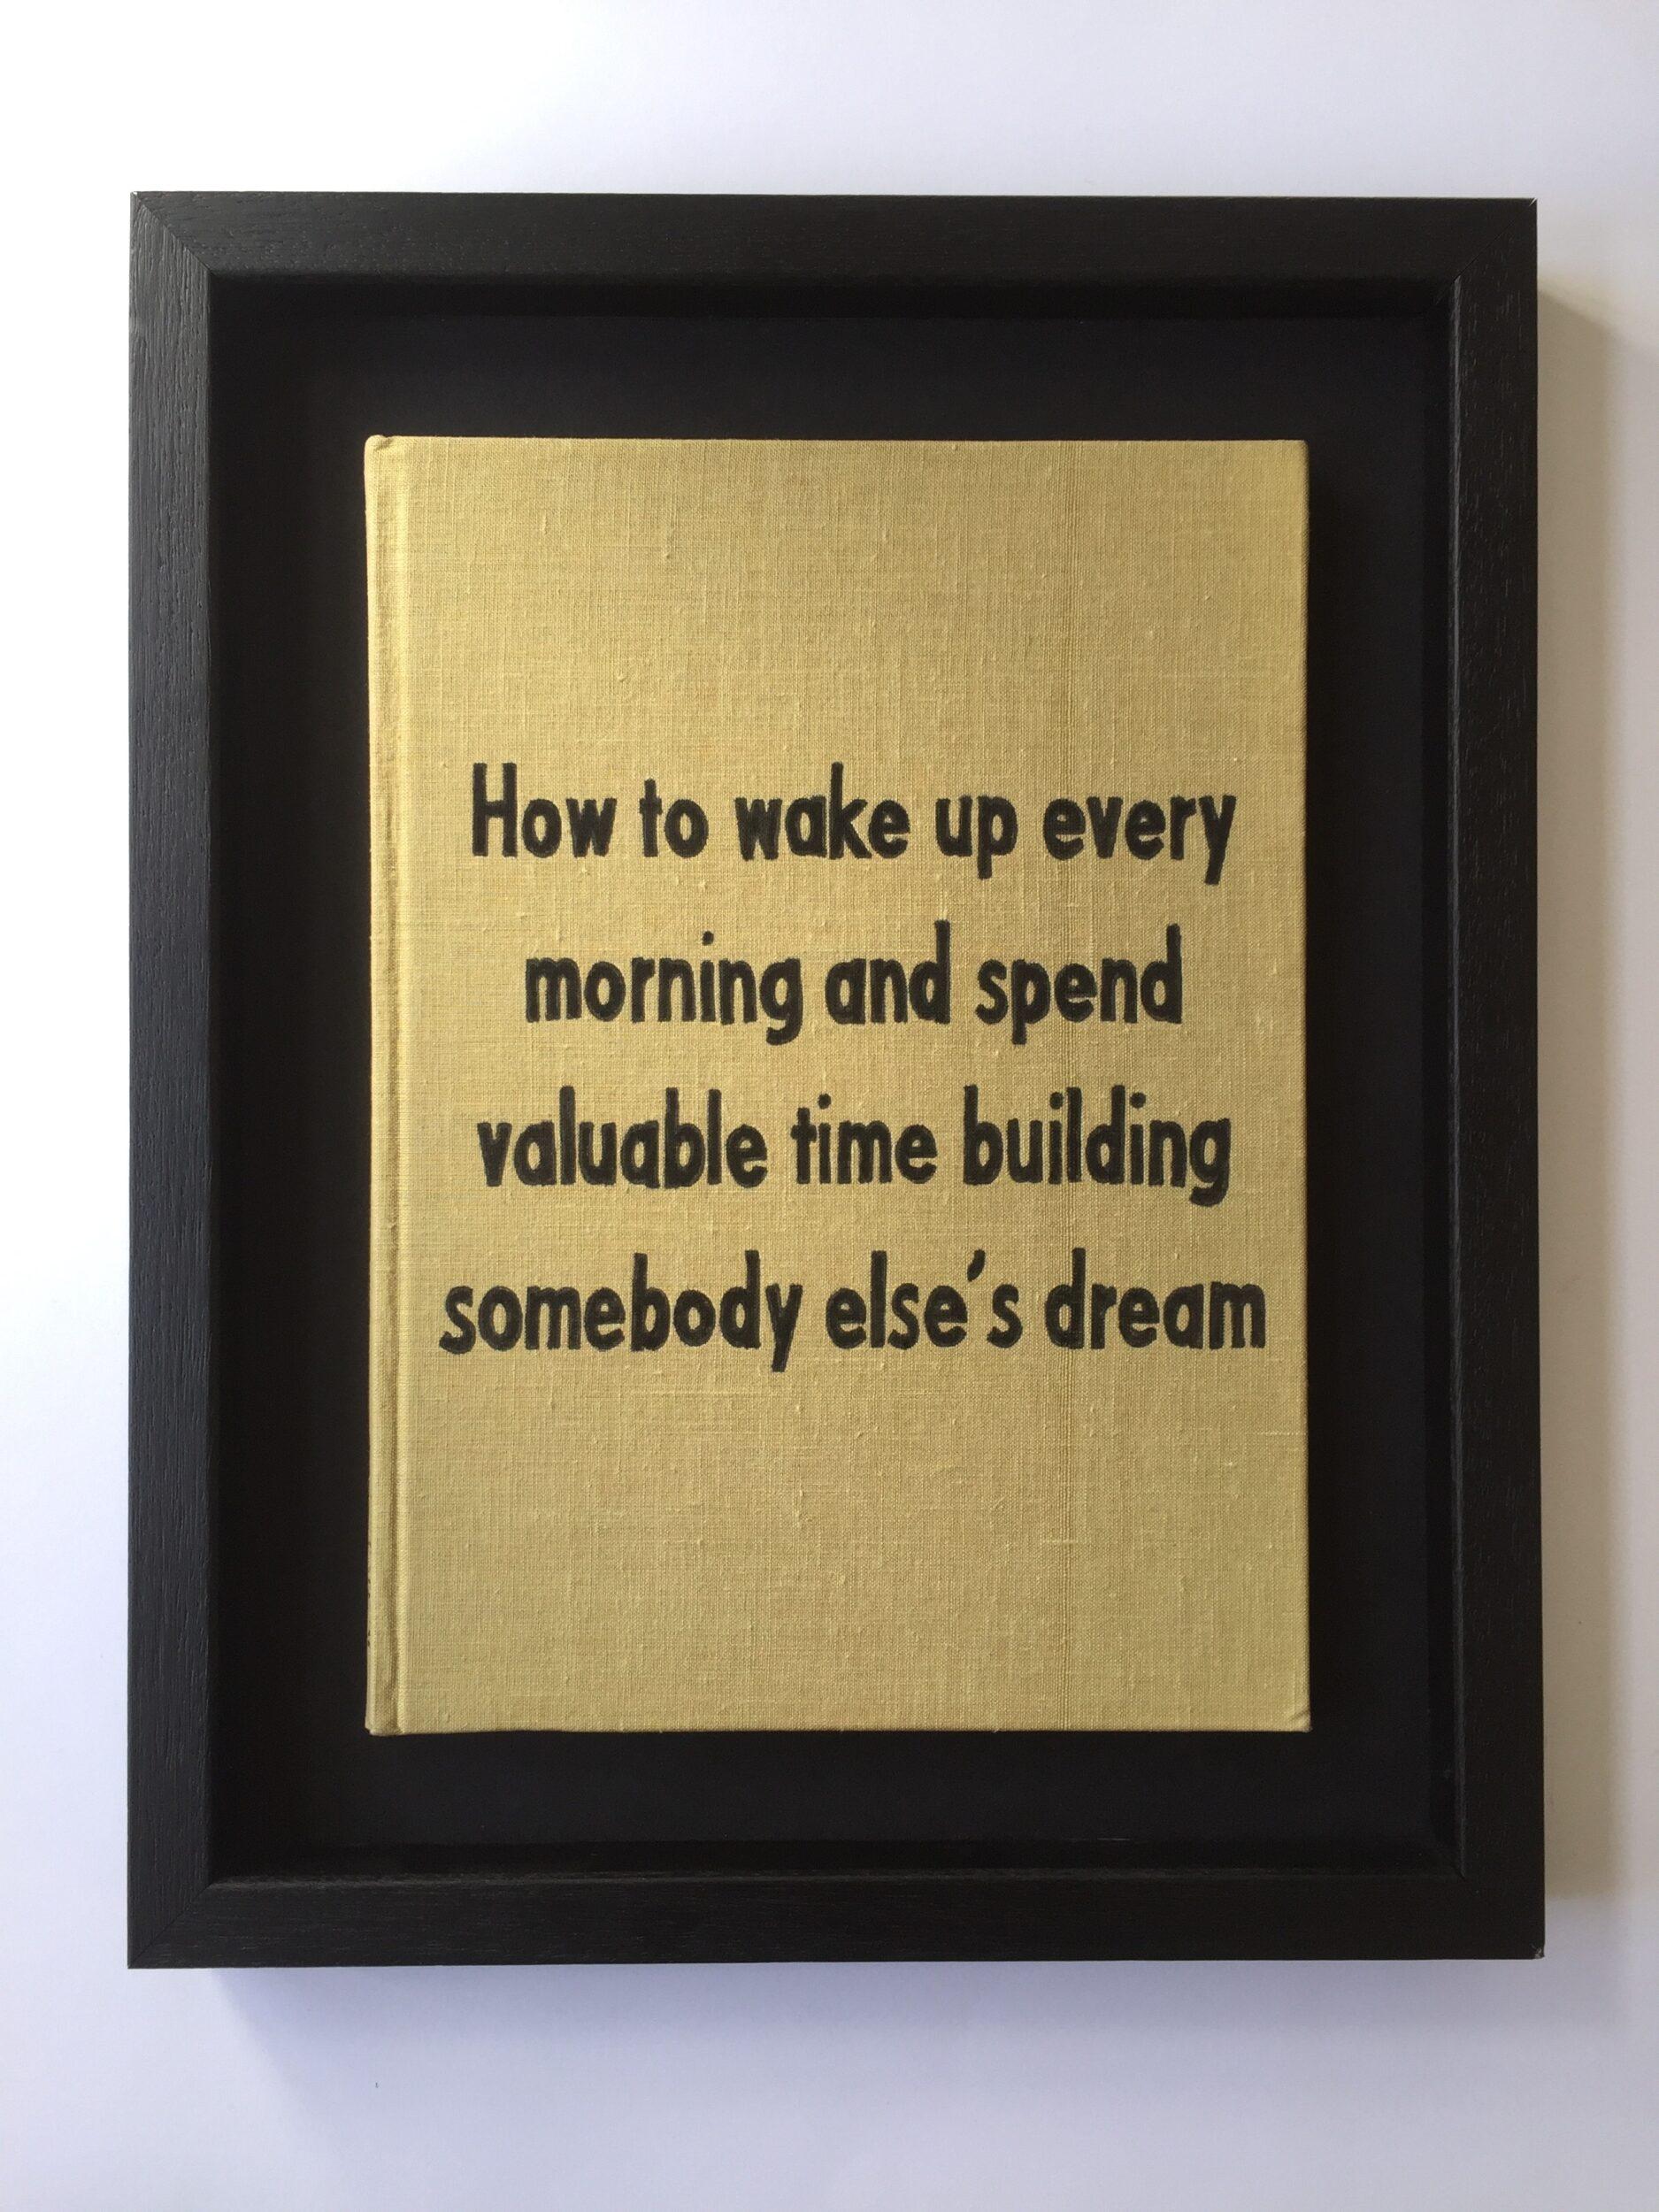 Somebody Else's Dream